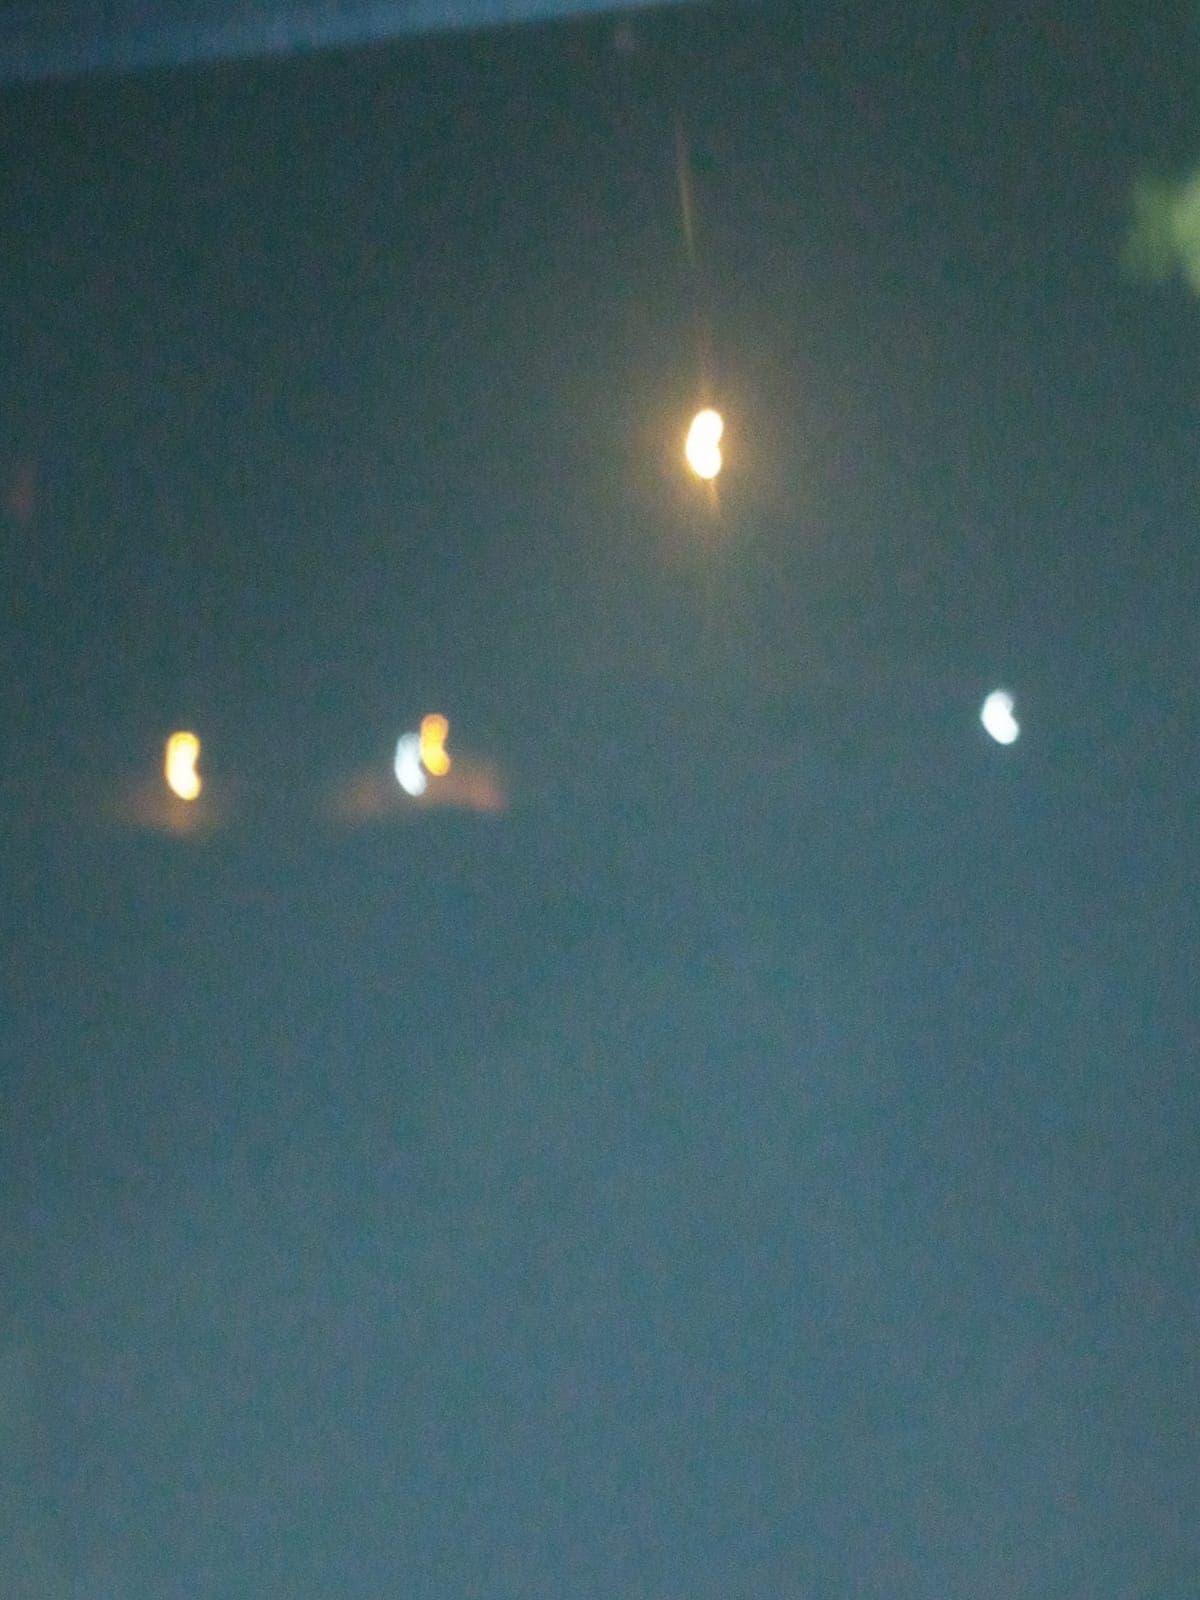 إطلاق إسرائيل لقنابل مضيئة في جنوب لبنان ليل الاثنين-الثلاثاء